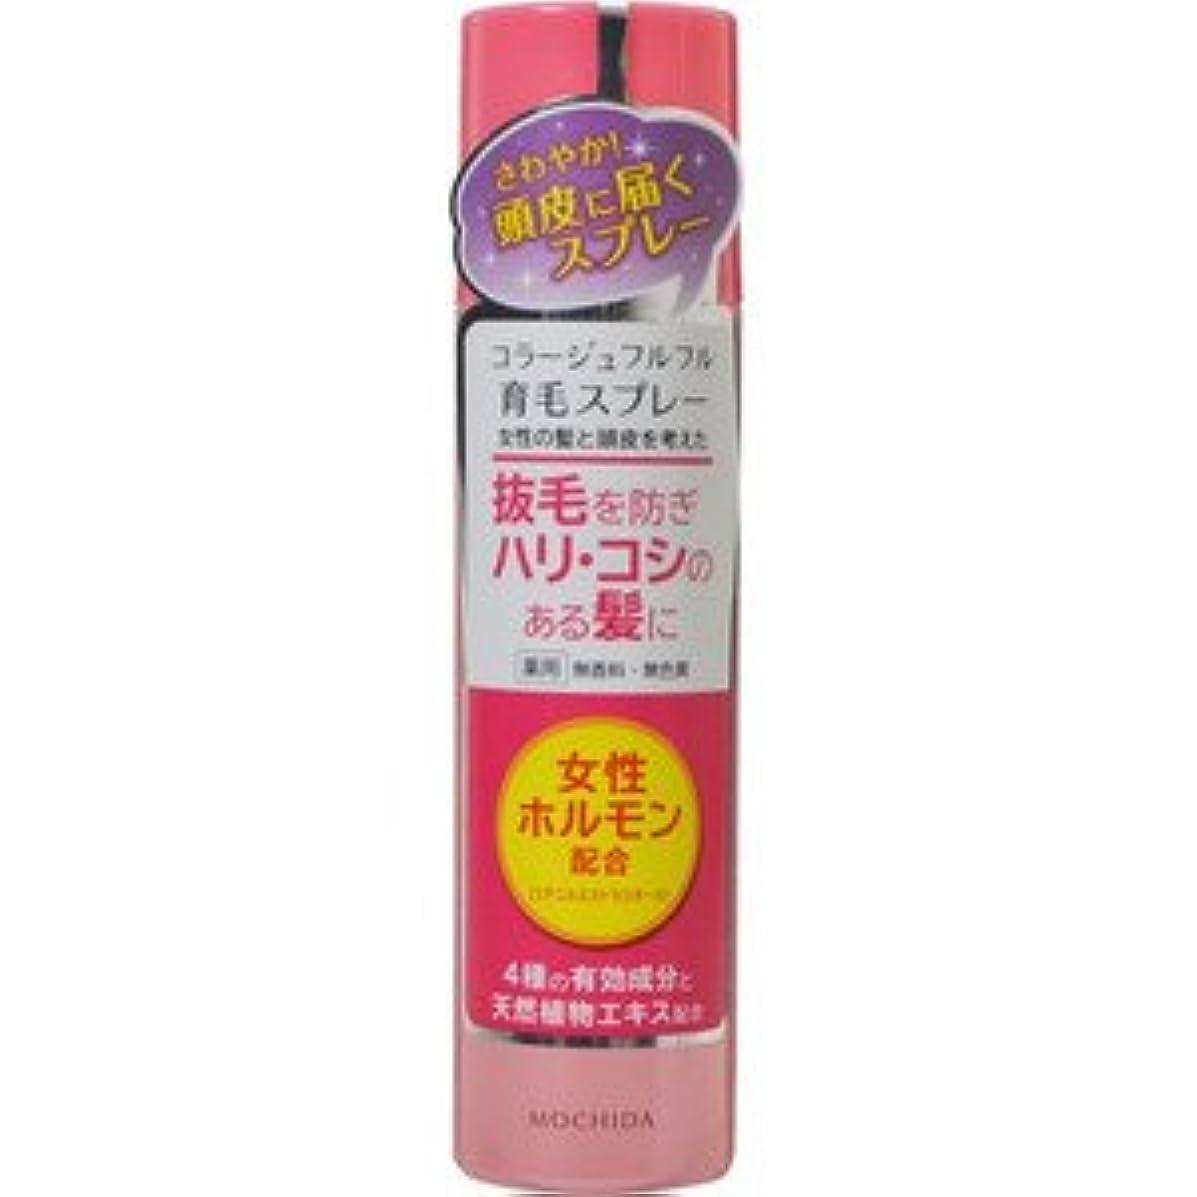 朝ワイド和(持田ヘルスケア)コラージュフルフル 育毛スプレー 150g(医薬部外品)(お買い得3個セット)